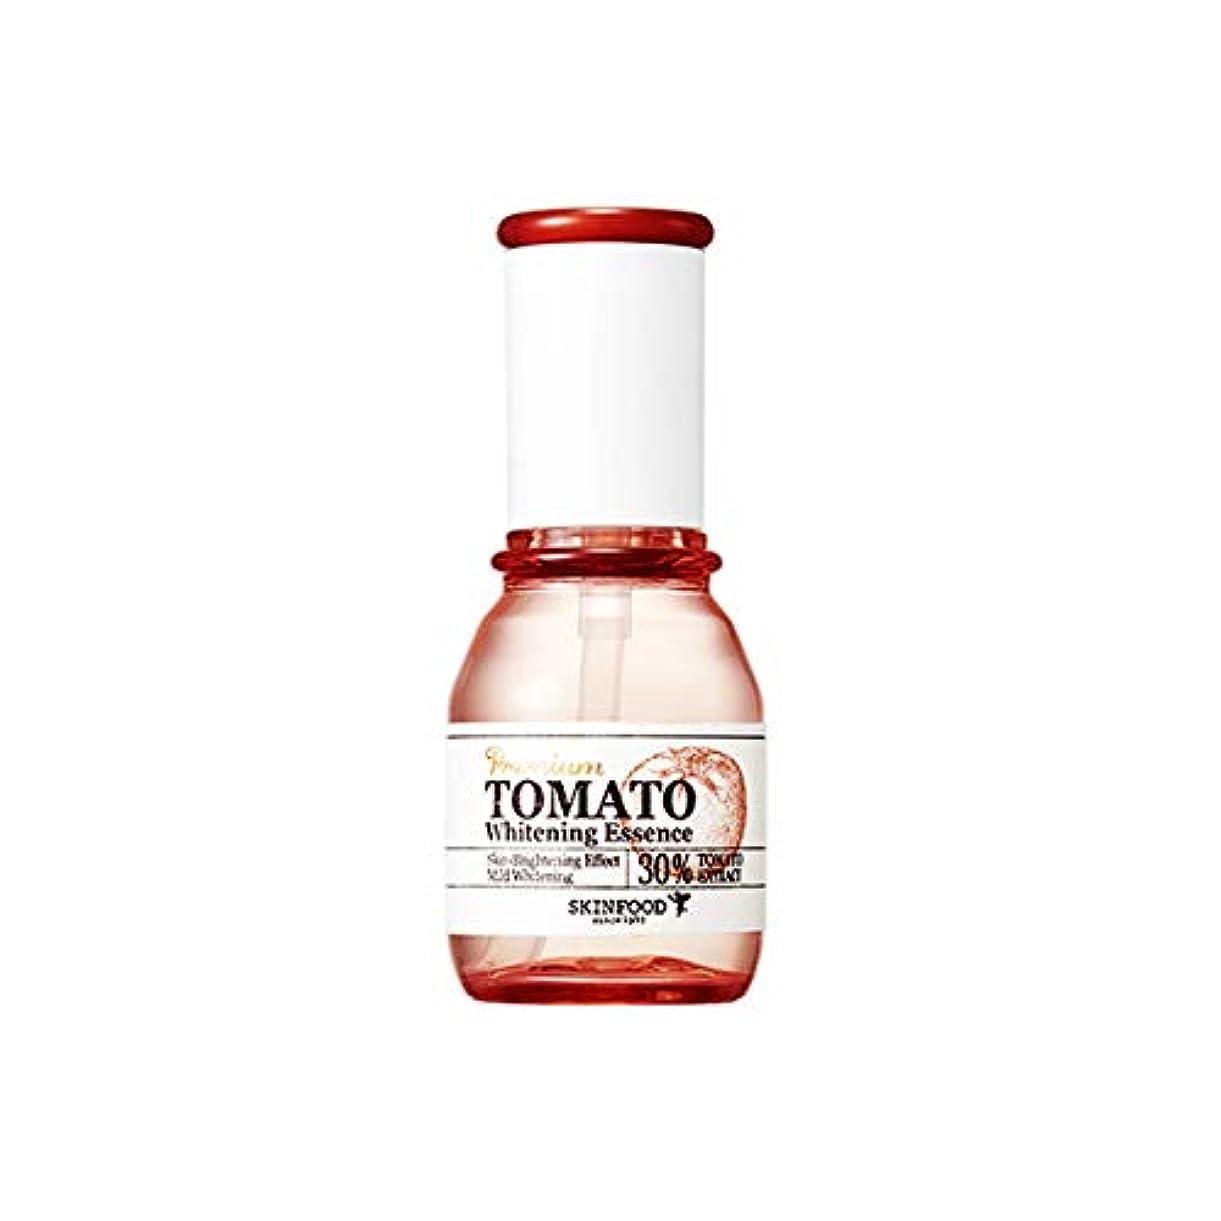 闇申し込む三十Skinfood プレミアムトマトホワイトニングエッセンス(美白効果) / Premium Tomato Whitening Essence (Skin-Brightening Effect)50ml [並行輸入品]